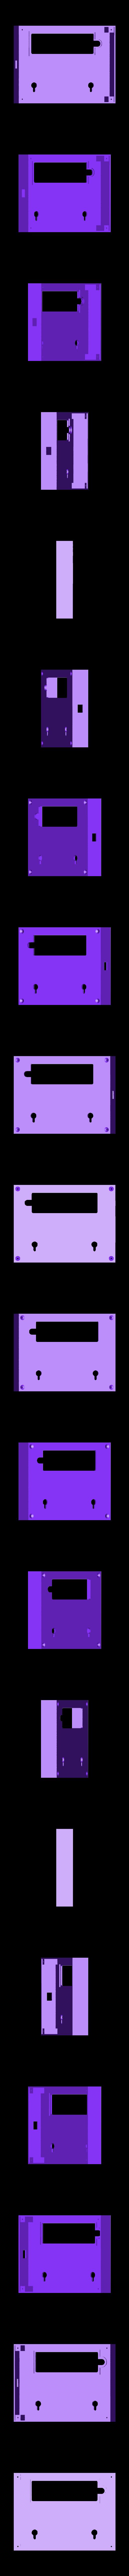 arriere.stl Télécharger fichier STL cadre photo pour lithophanie avec insert à piles • Plan pour impression 3D, fabricewou